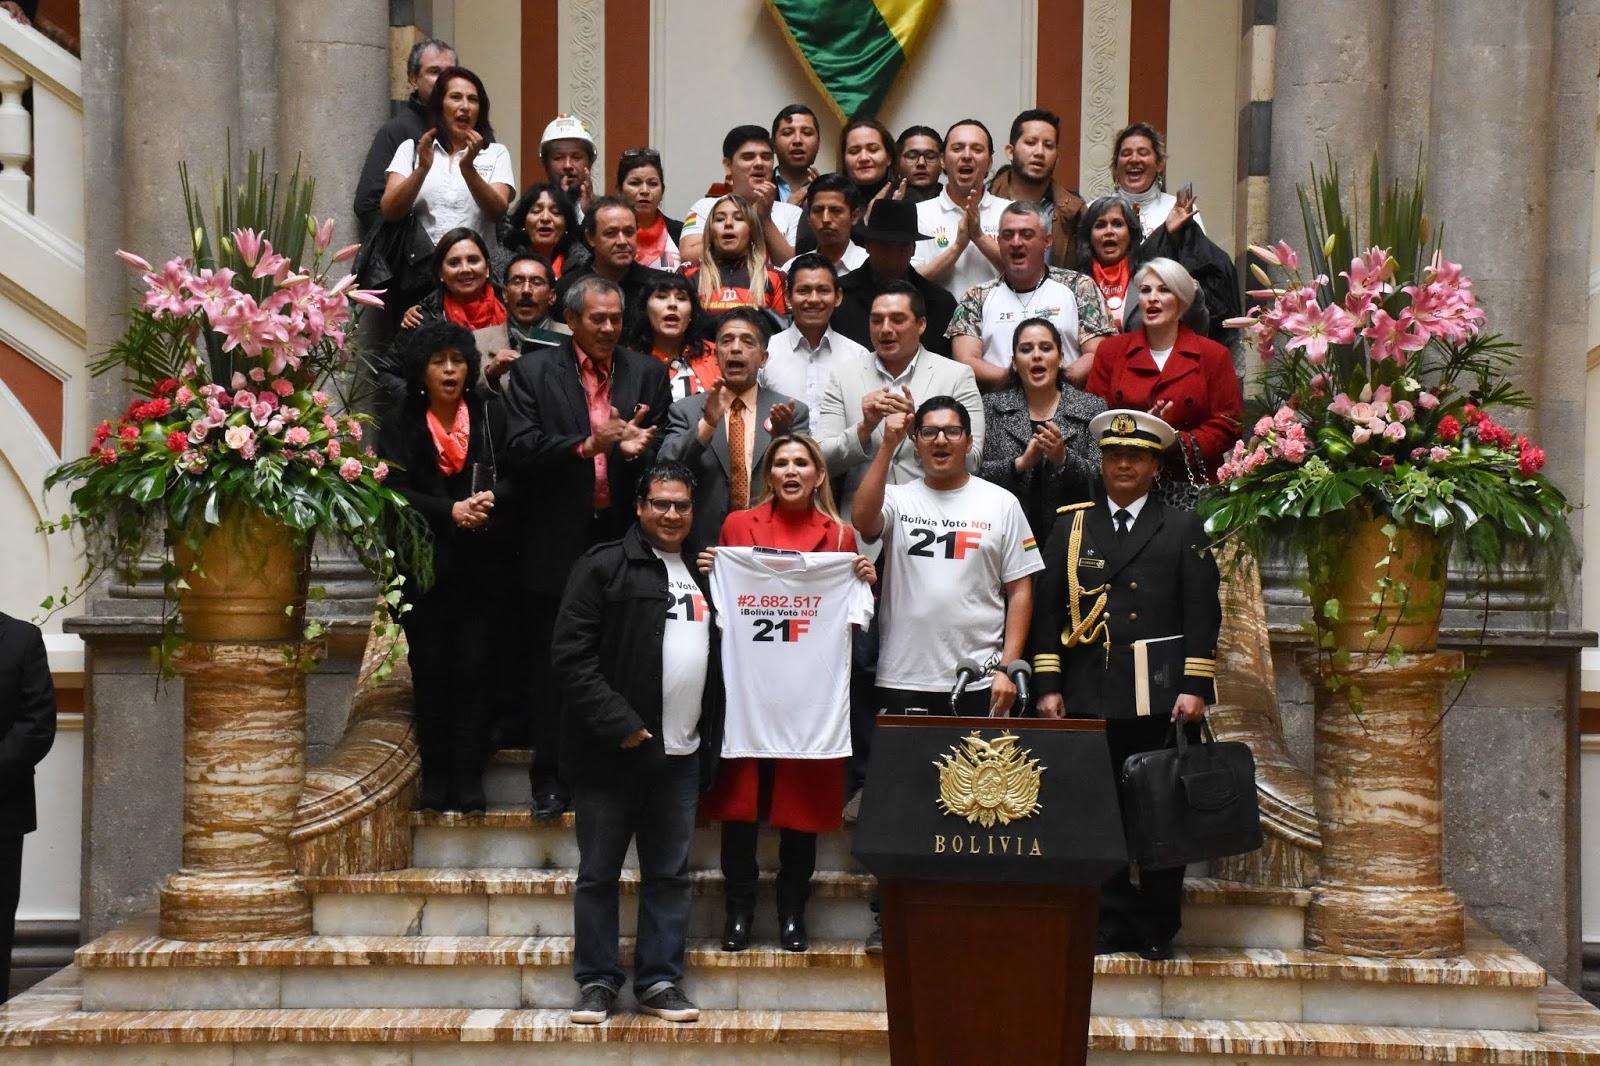 La presidenta constitucional recibió en Palacio de Gobierno a algunos activistas del 21F / ABI